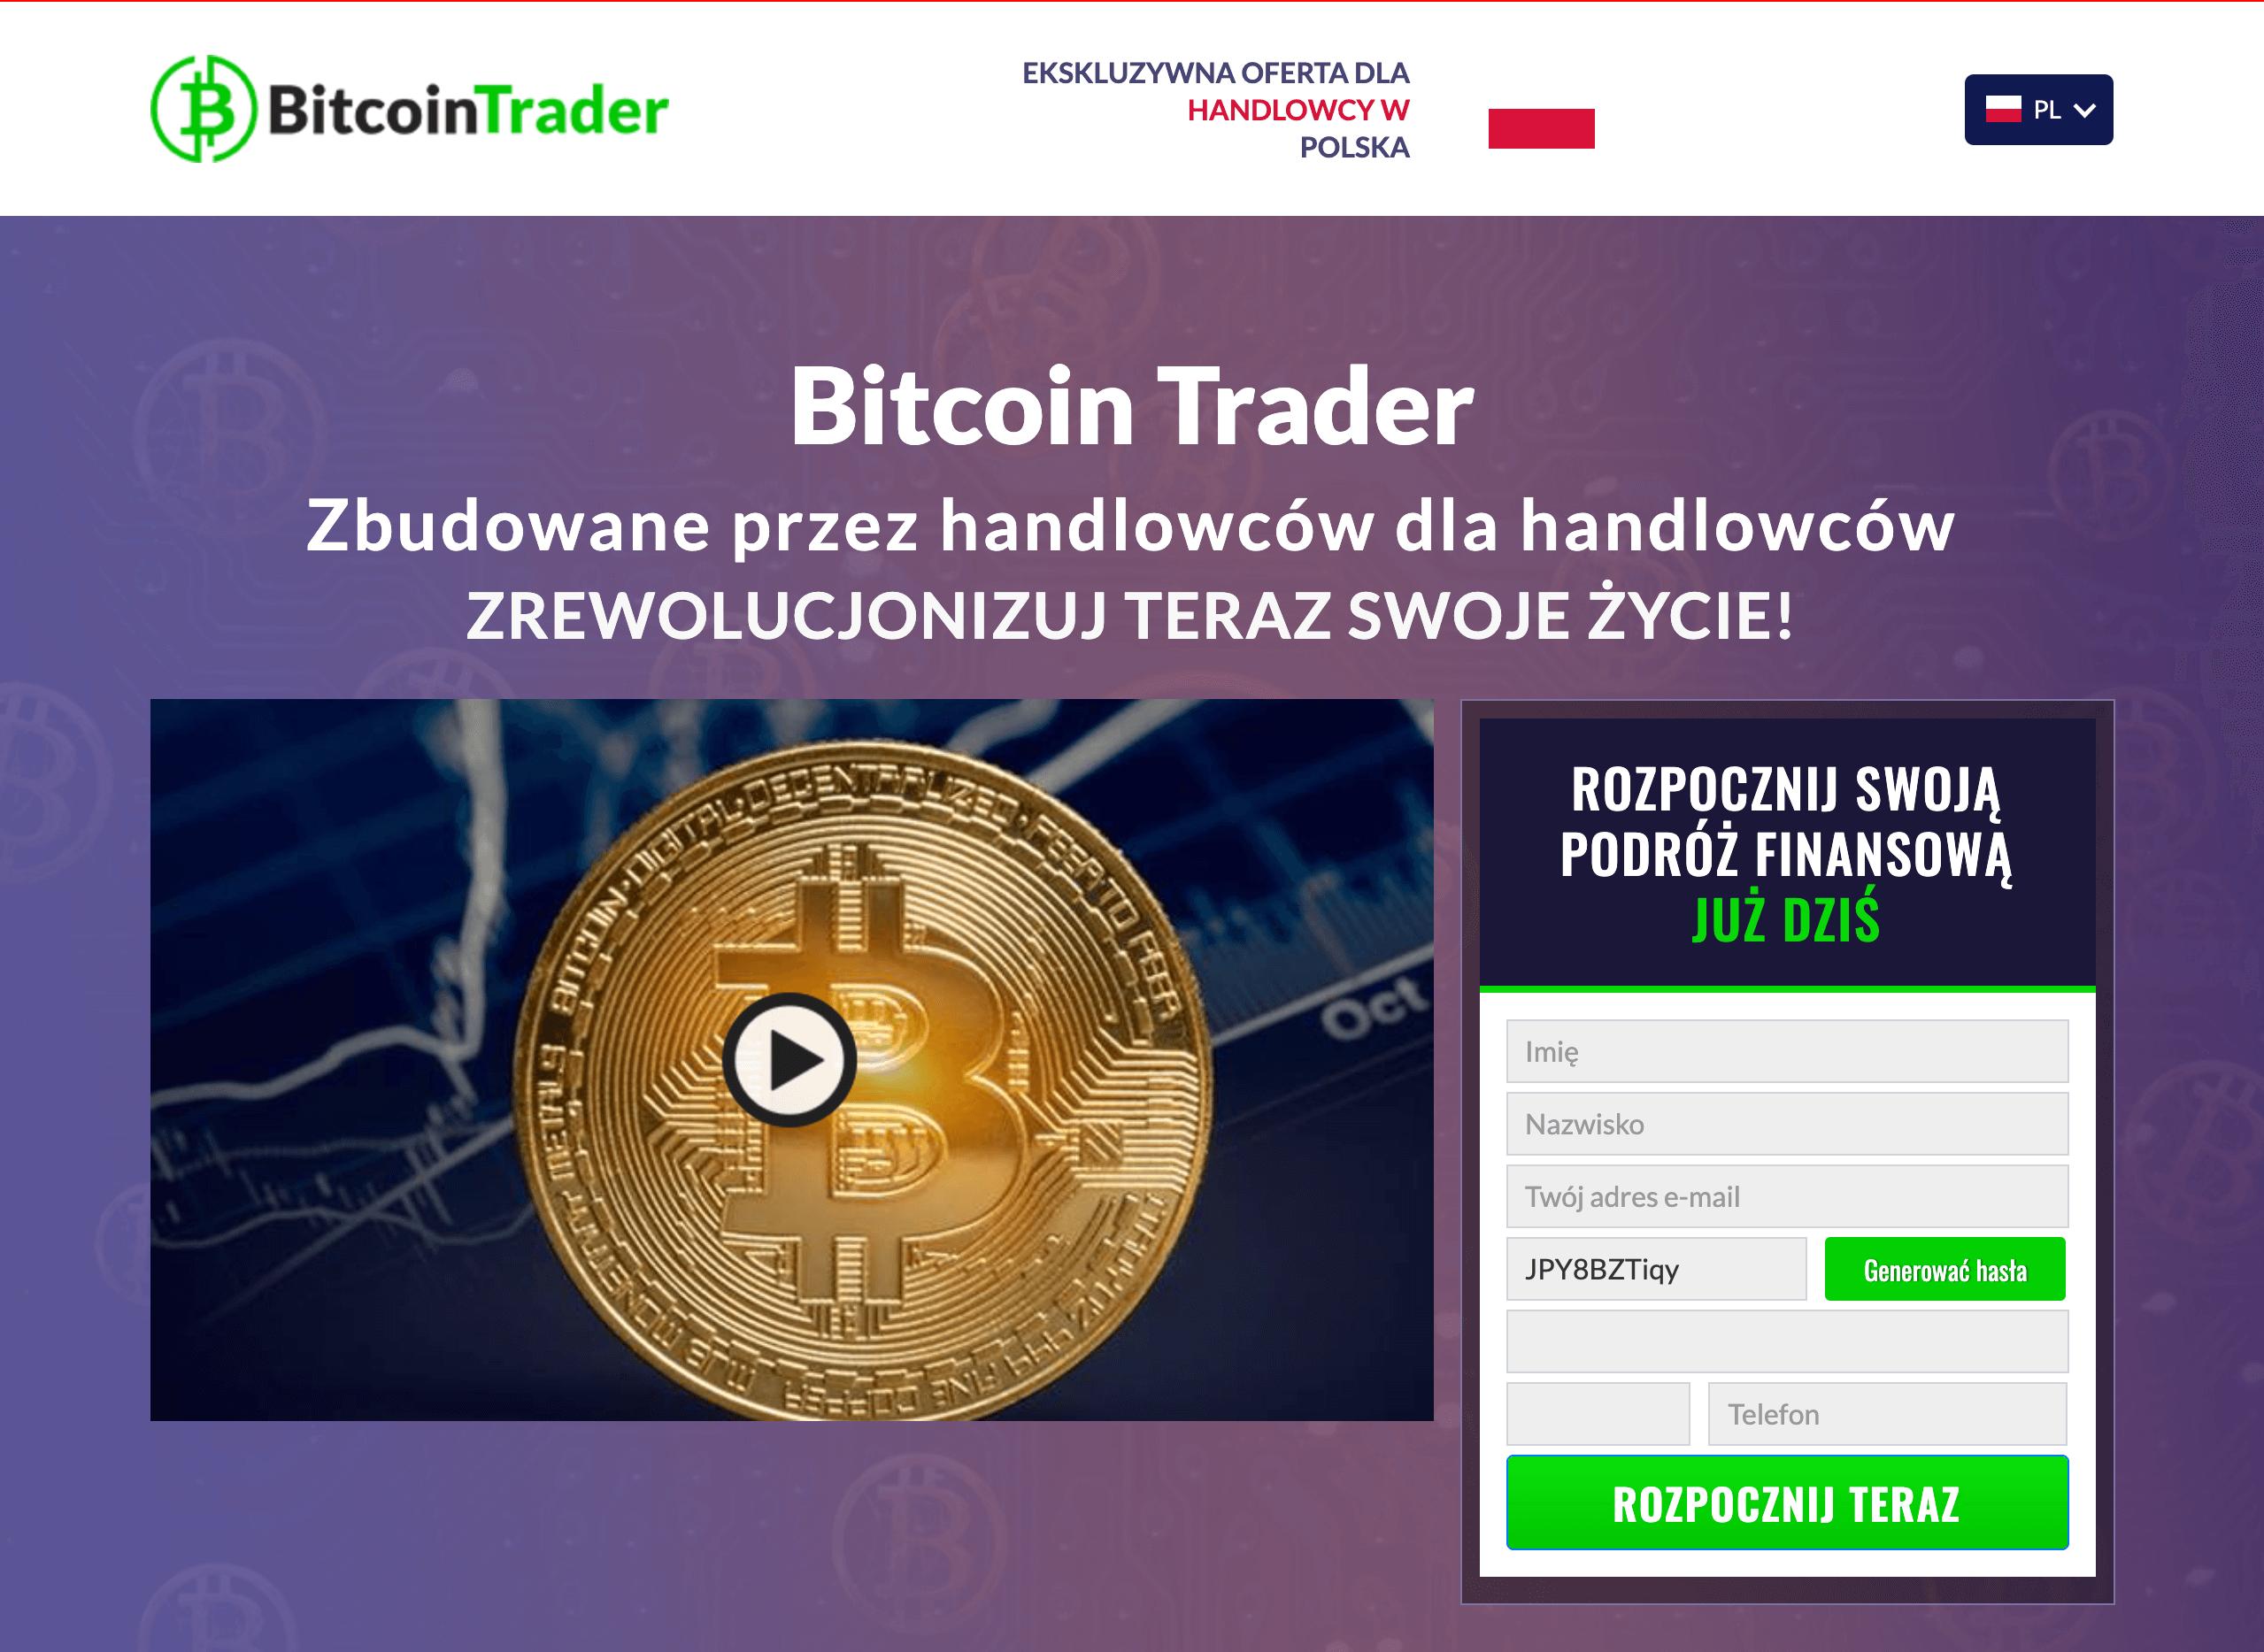 bitcoin trader oszustwo